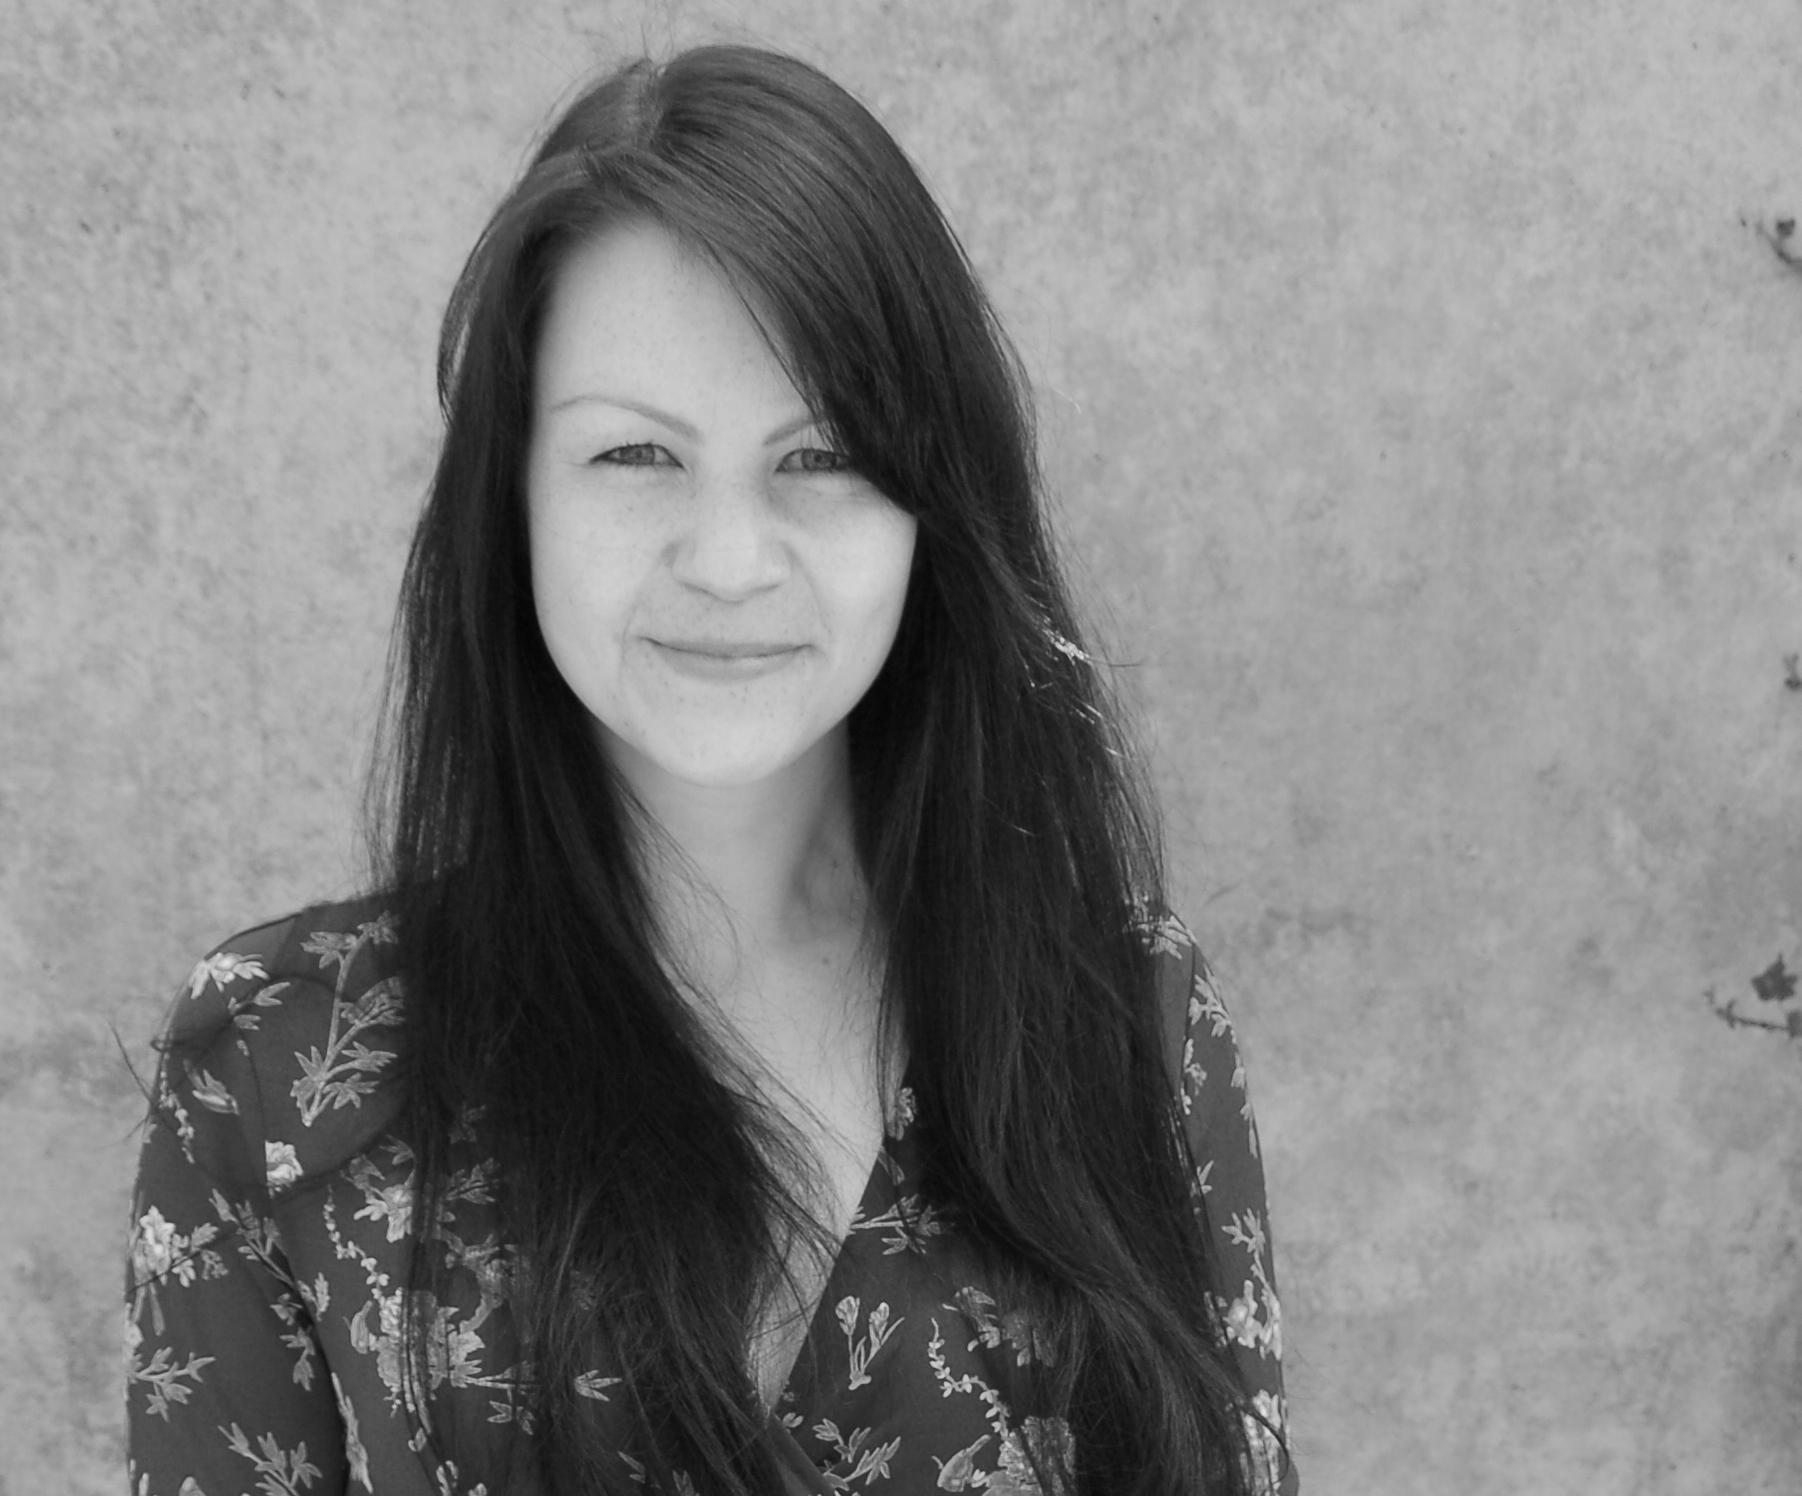 Claudia Kuttner vom Projekt LOERSH an der Europa-Universität Flensburg. Foto: privat, nicht unter freier Lizenz.